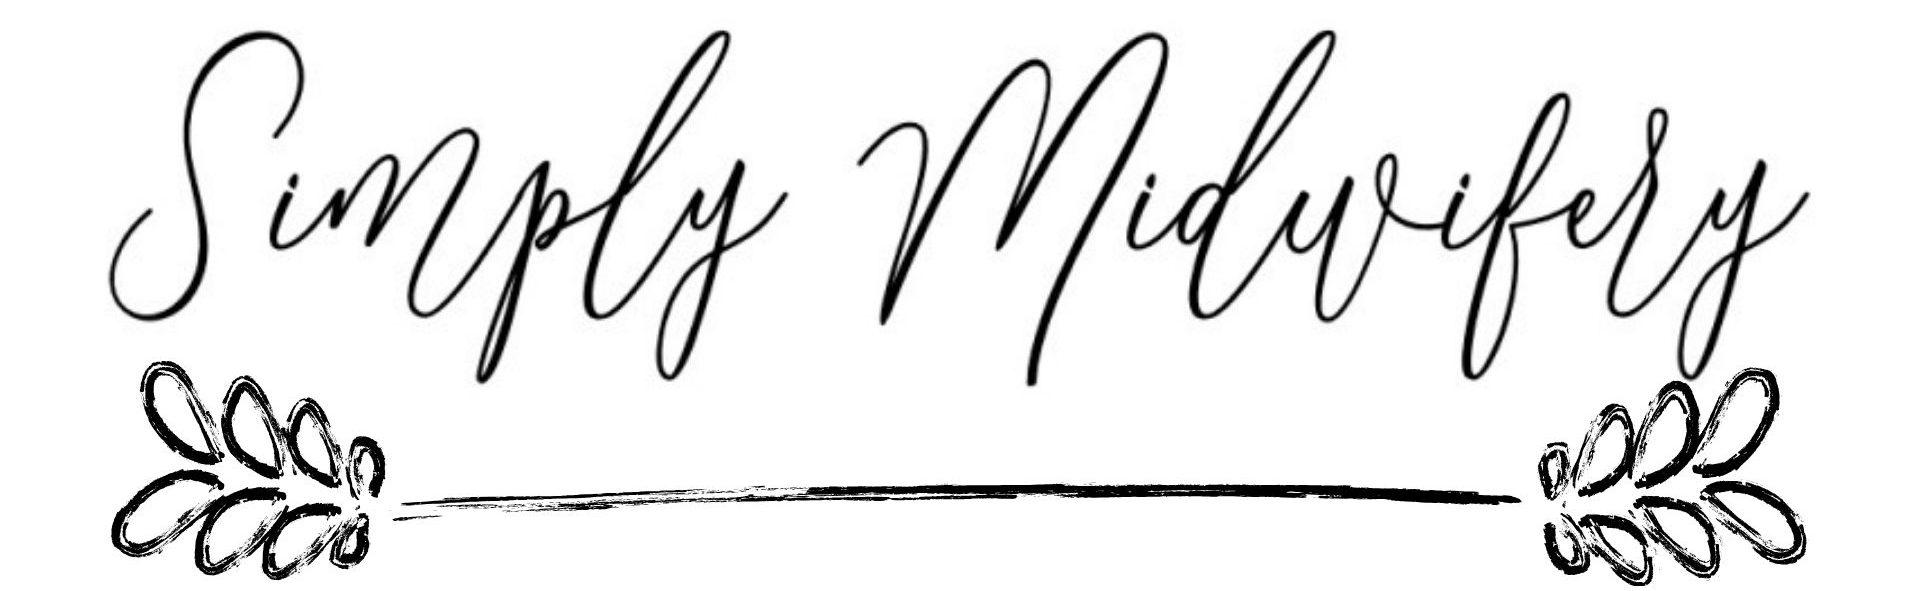 Simply Midwifery